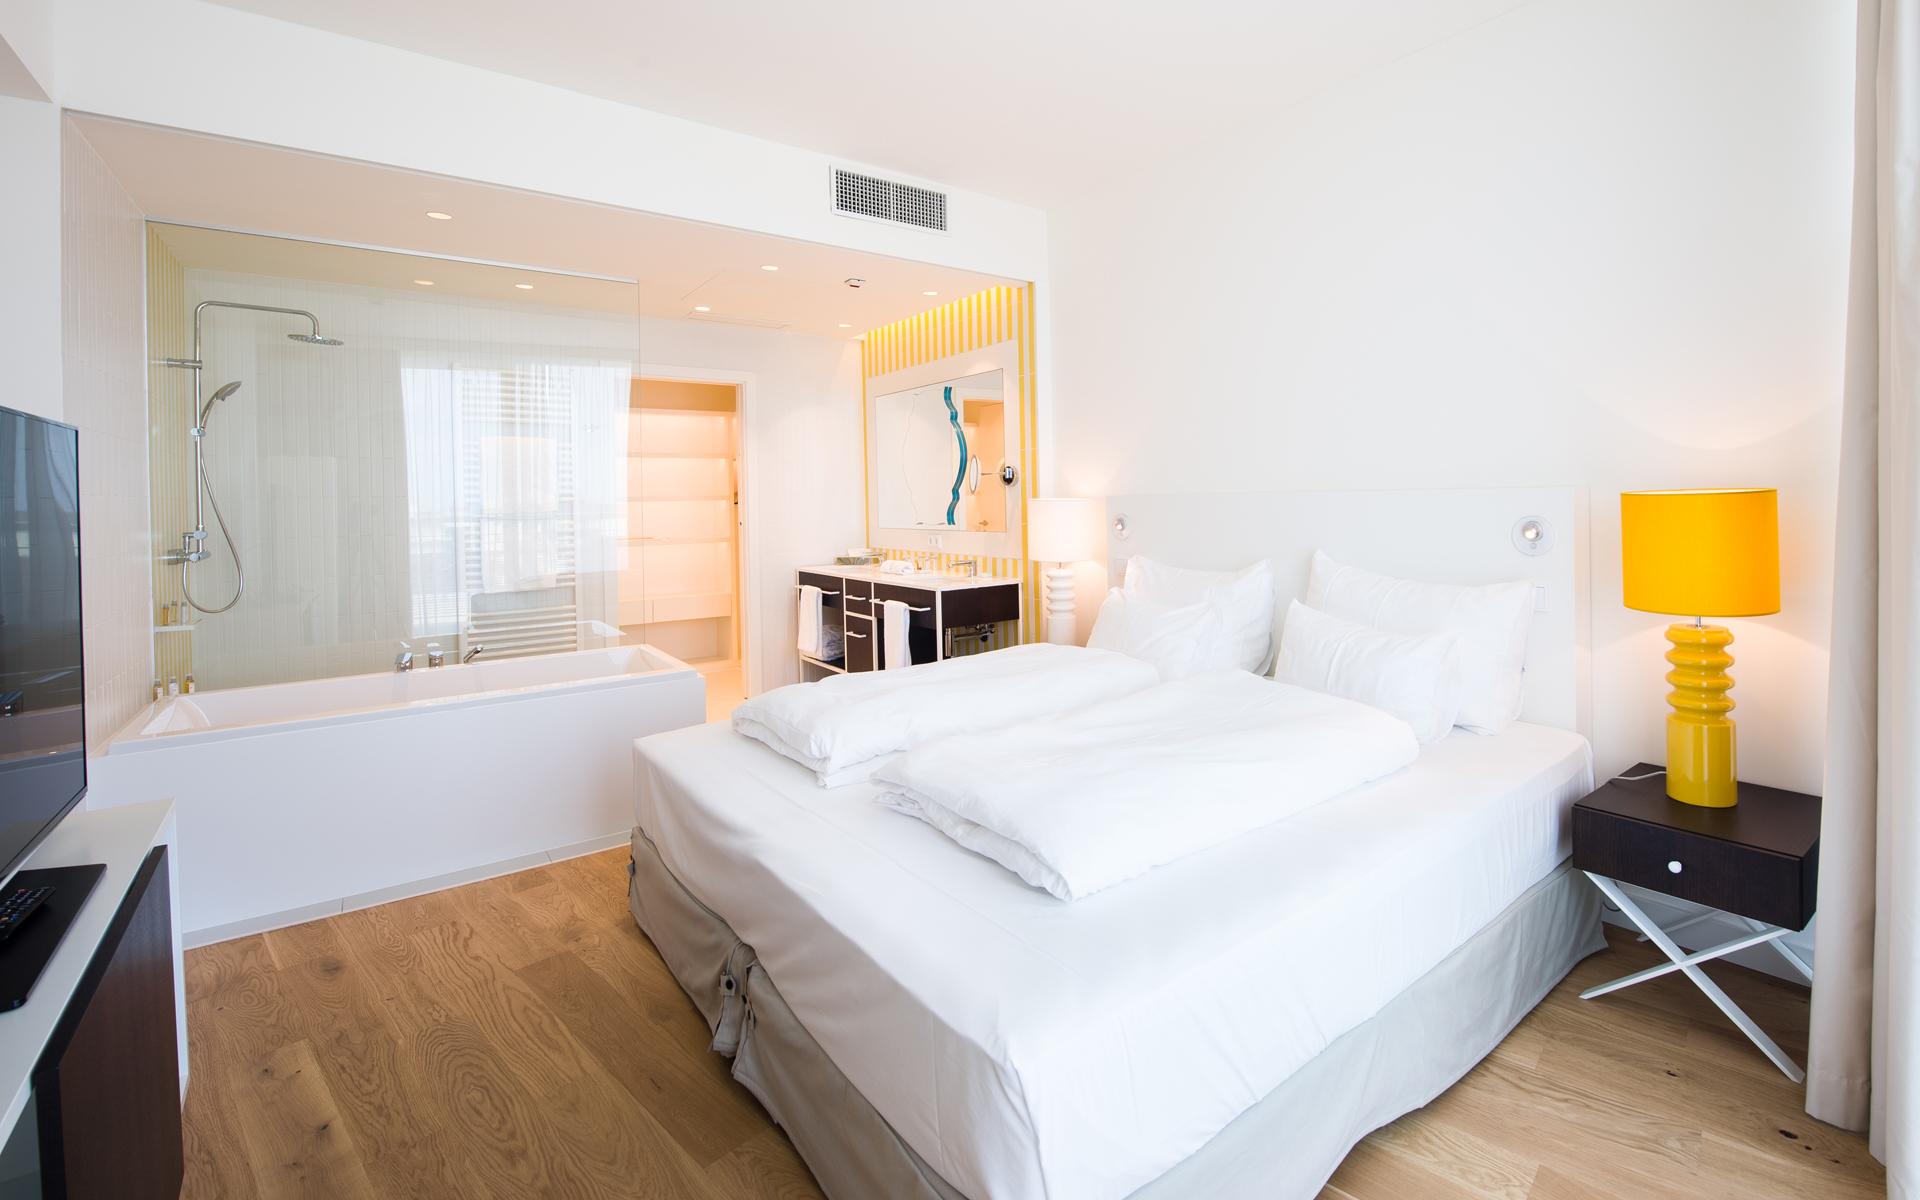 Falkensteiner-hotel-Jesolo_Italy_Italien-rooms-apartments-zimmer-oprema-hotelov_hotel-equipment_hoteleinrichtungen_16